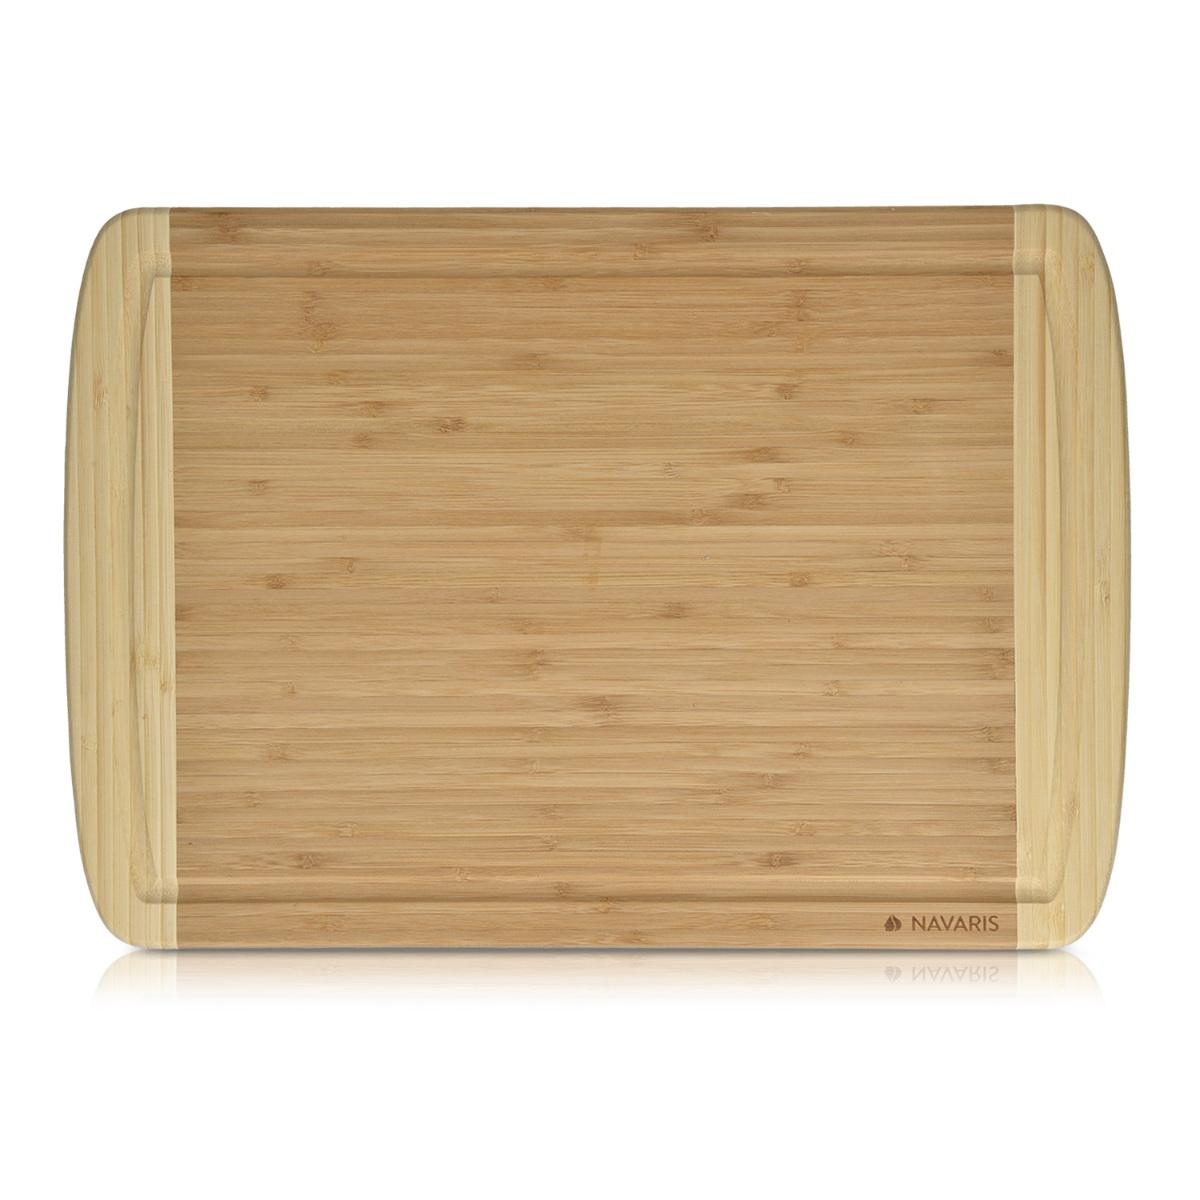 Küchenbrett Holz Rund ~ navaris bambus schneidbrett zweifarbiges küchenbrett holz